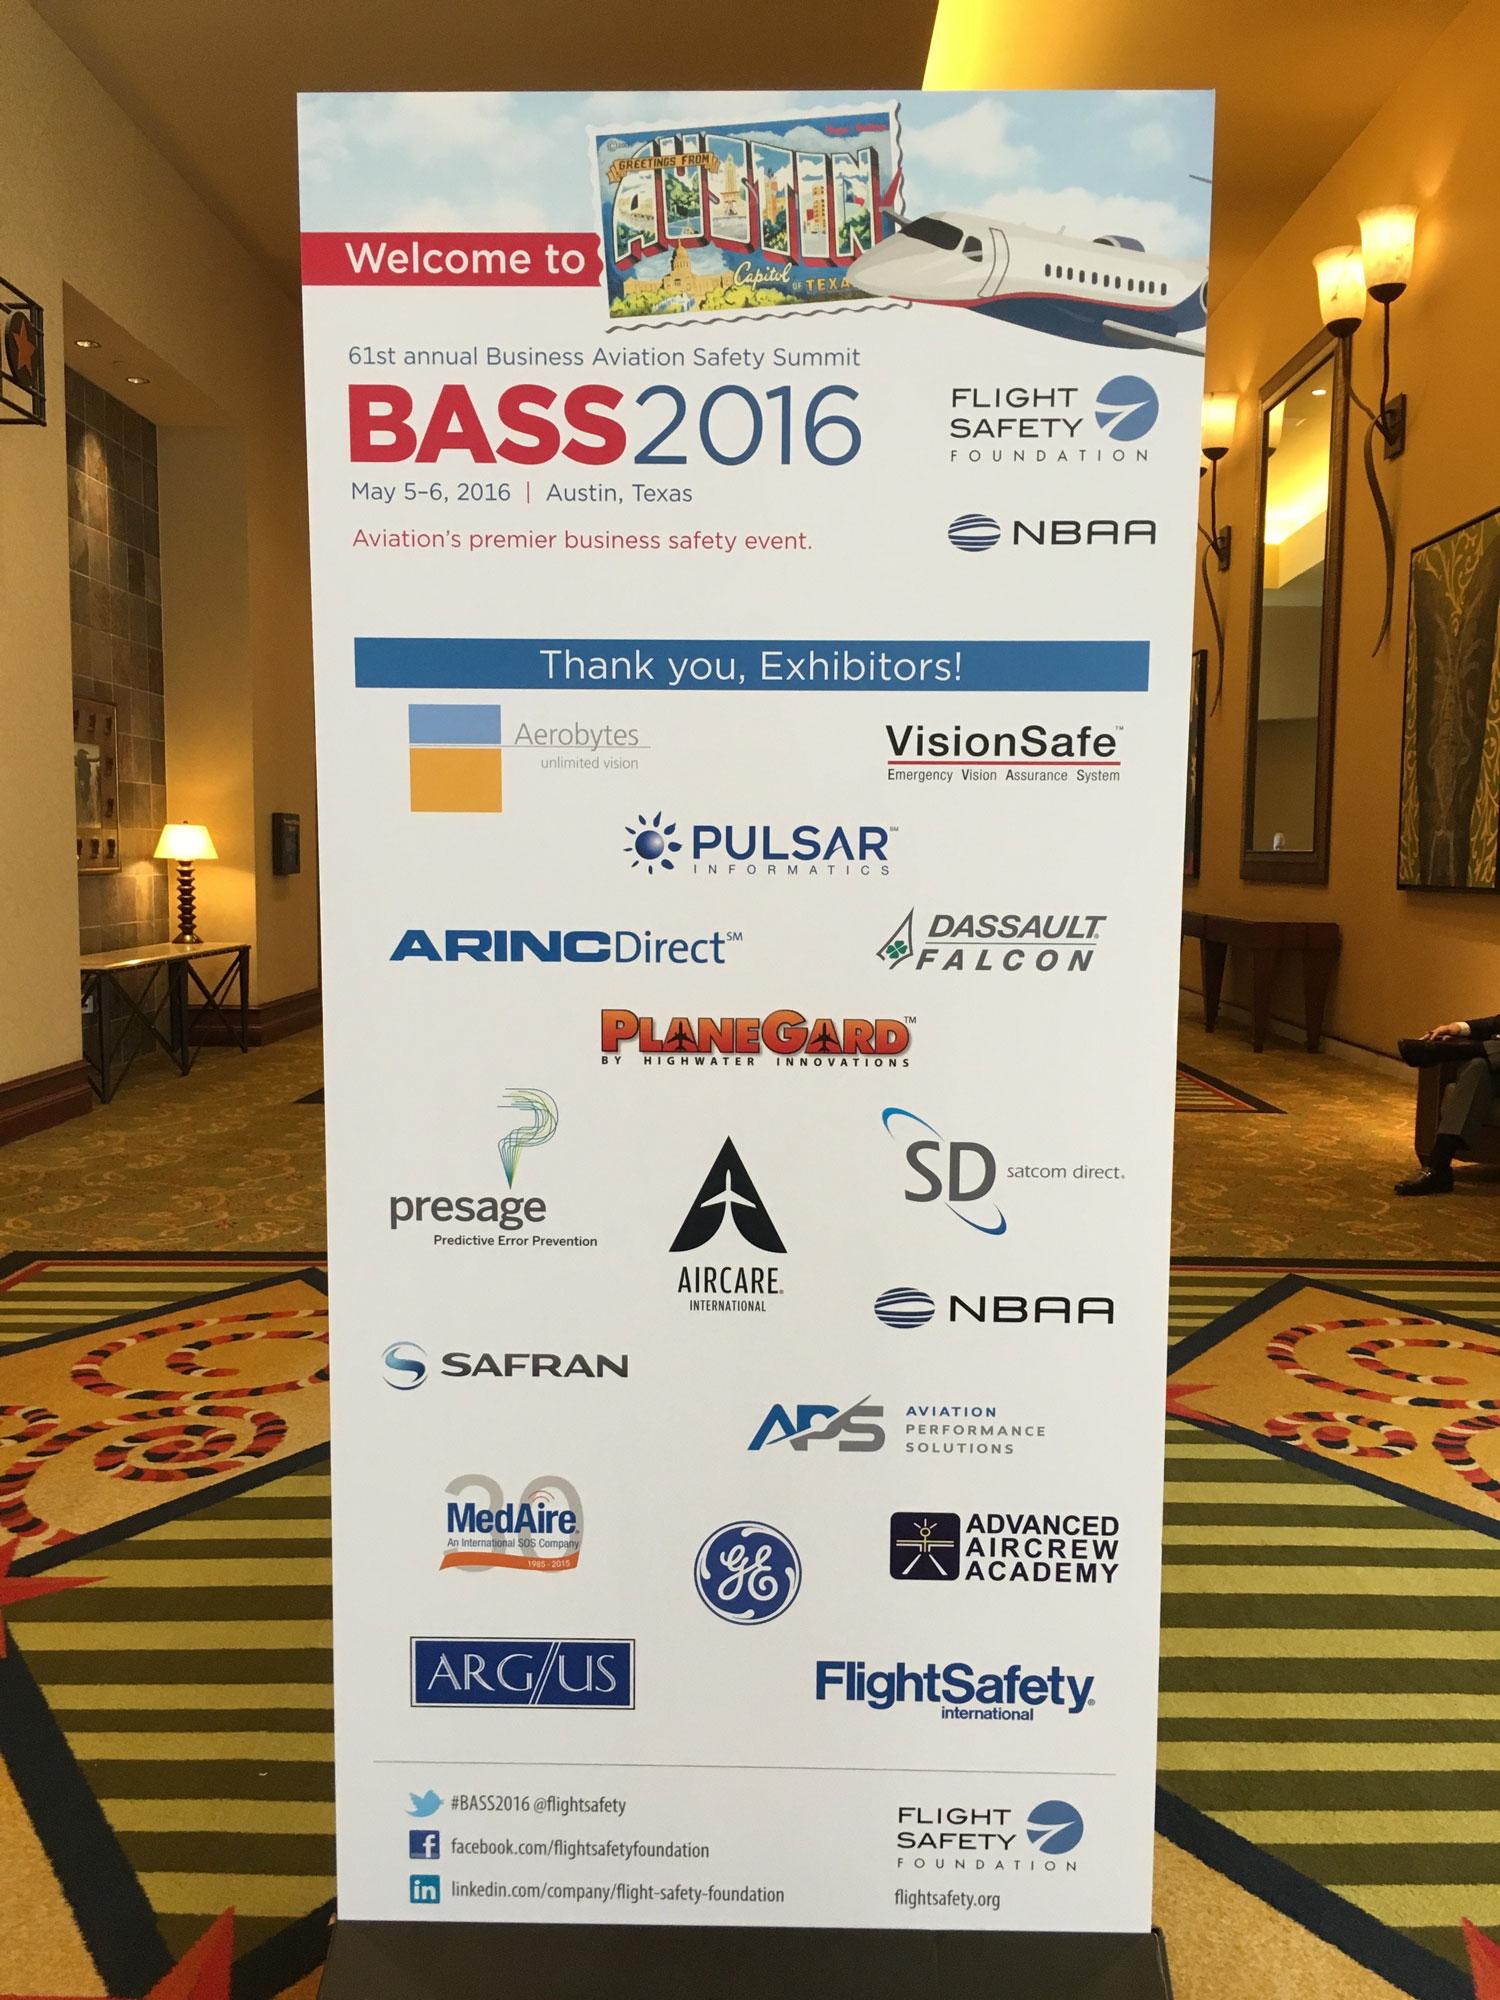 BASS 2016